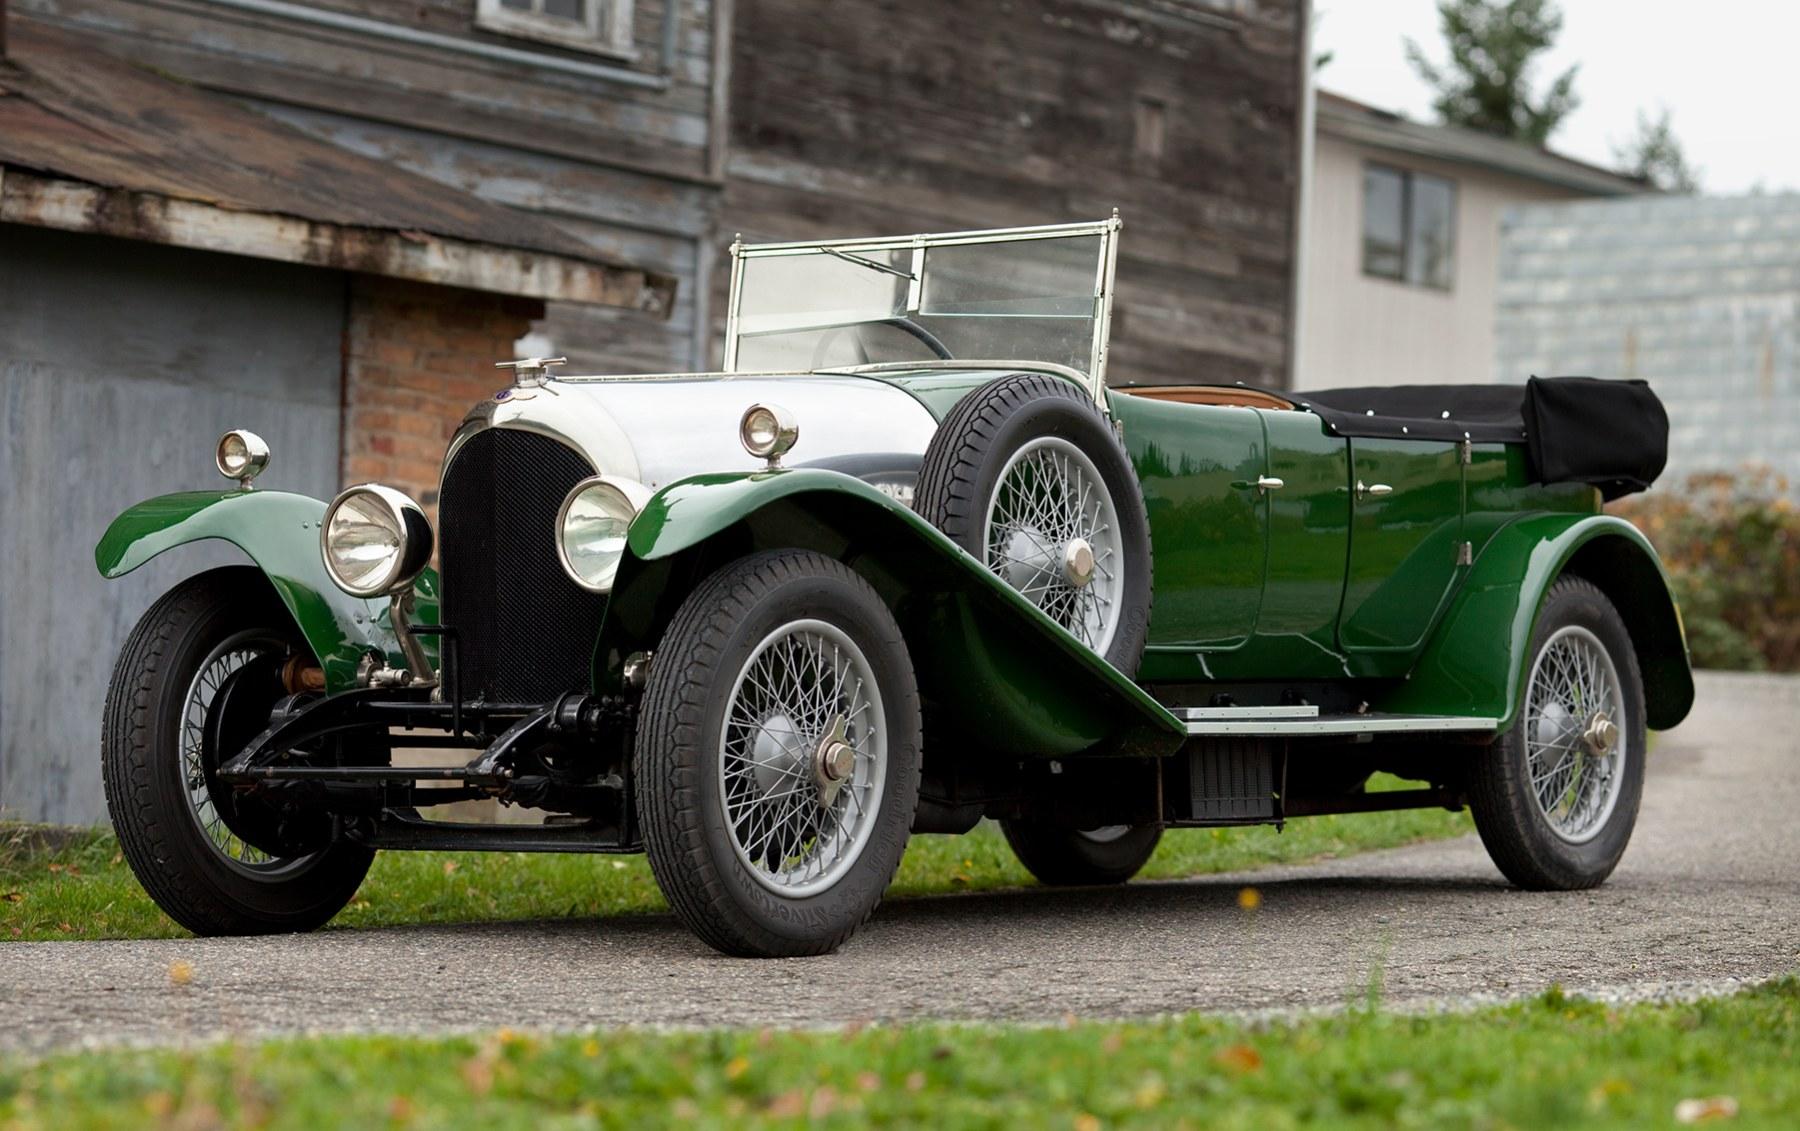 1925 Bentley 3 Litre Tourer